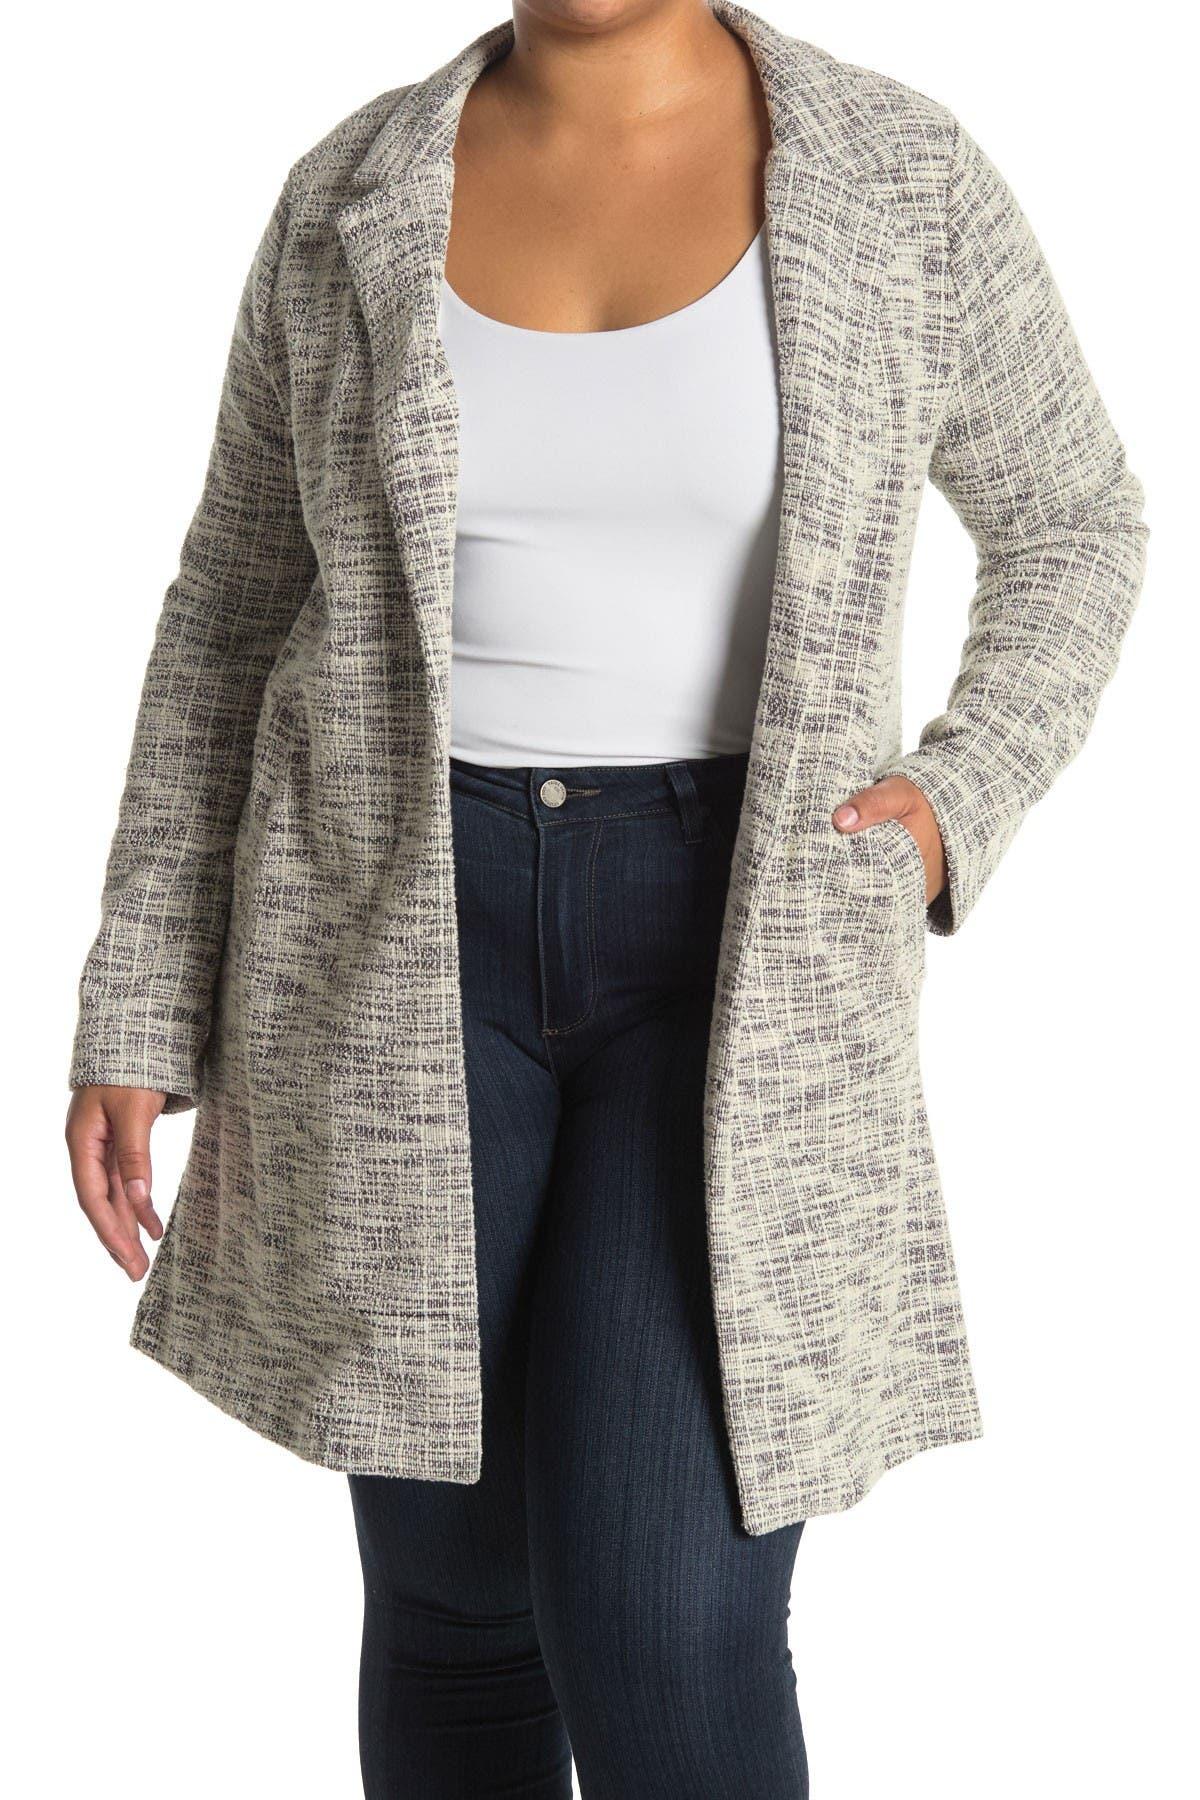 COAST Women/'s NEW Grey Open Front Drape Thin Throw On Jacket Long Coat 6 to 18